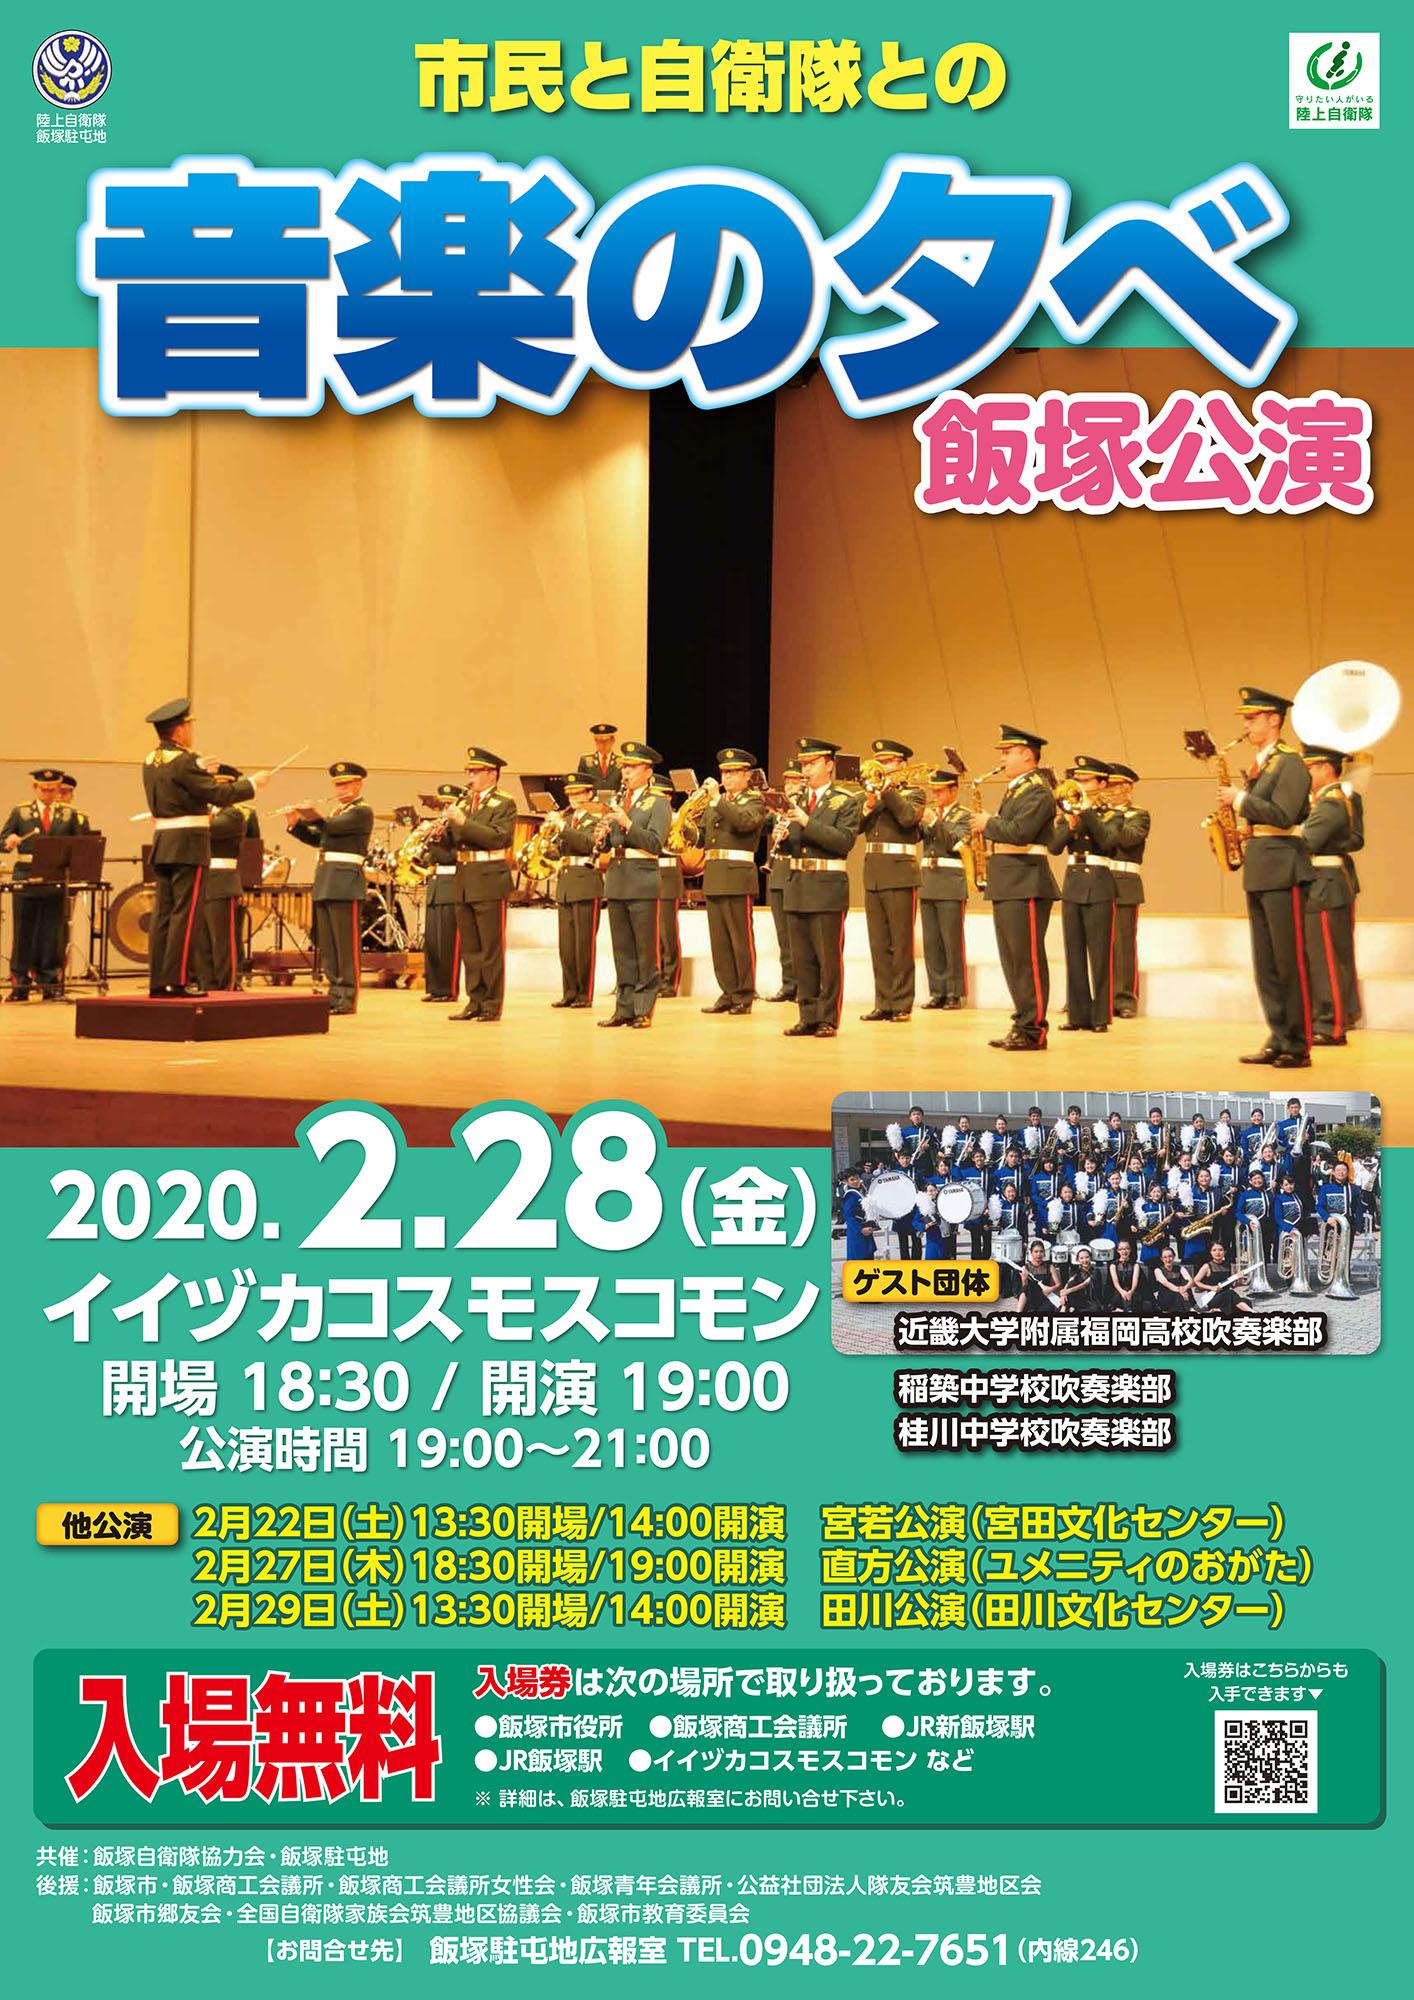 自衛隊飯塚駐屯地 市民と自衛隊との音楽の夕べ 飯塚公演